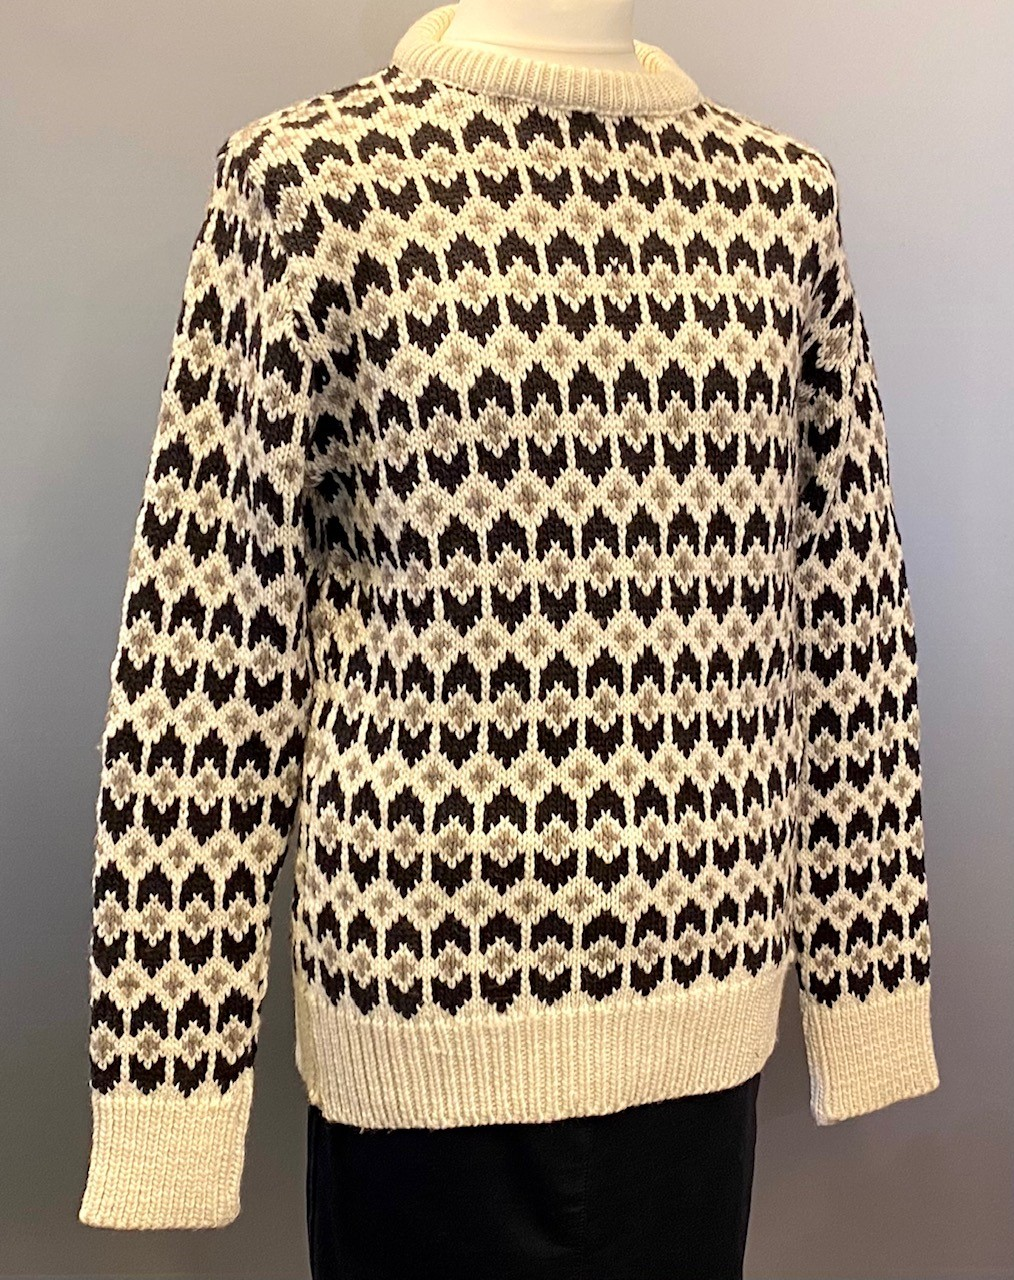 Fuza - Merino uld Pullover - Ymer , strik, uld, uldstrik, merino, merinould, fed, tyk, chunky, sweater, islænder, islændertrøje, islændersweater, sara lund, blød, varm, cool, hipster, moderne, blocker, dansk, design, håndstrikket, soft, hele året, overtøj, sejler, lystfisker, i naturen, gave, gaveide, yndlings, pullover, ulden, hjemmestrikket, til piger, til mænd, herre, herrer, herrestrik, damestrik, biti, ribe, fuza, vadehavet, får, marsken, nationalpark,